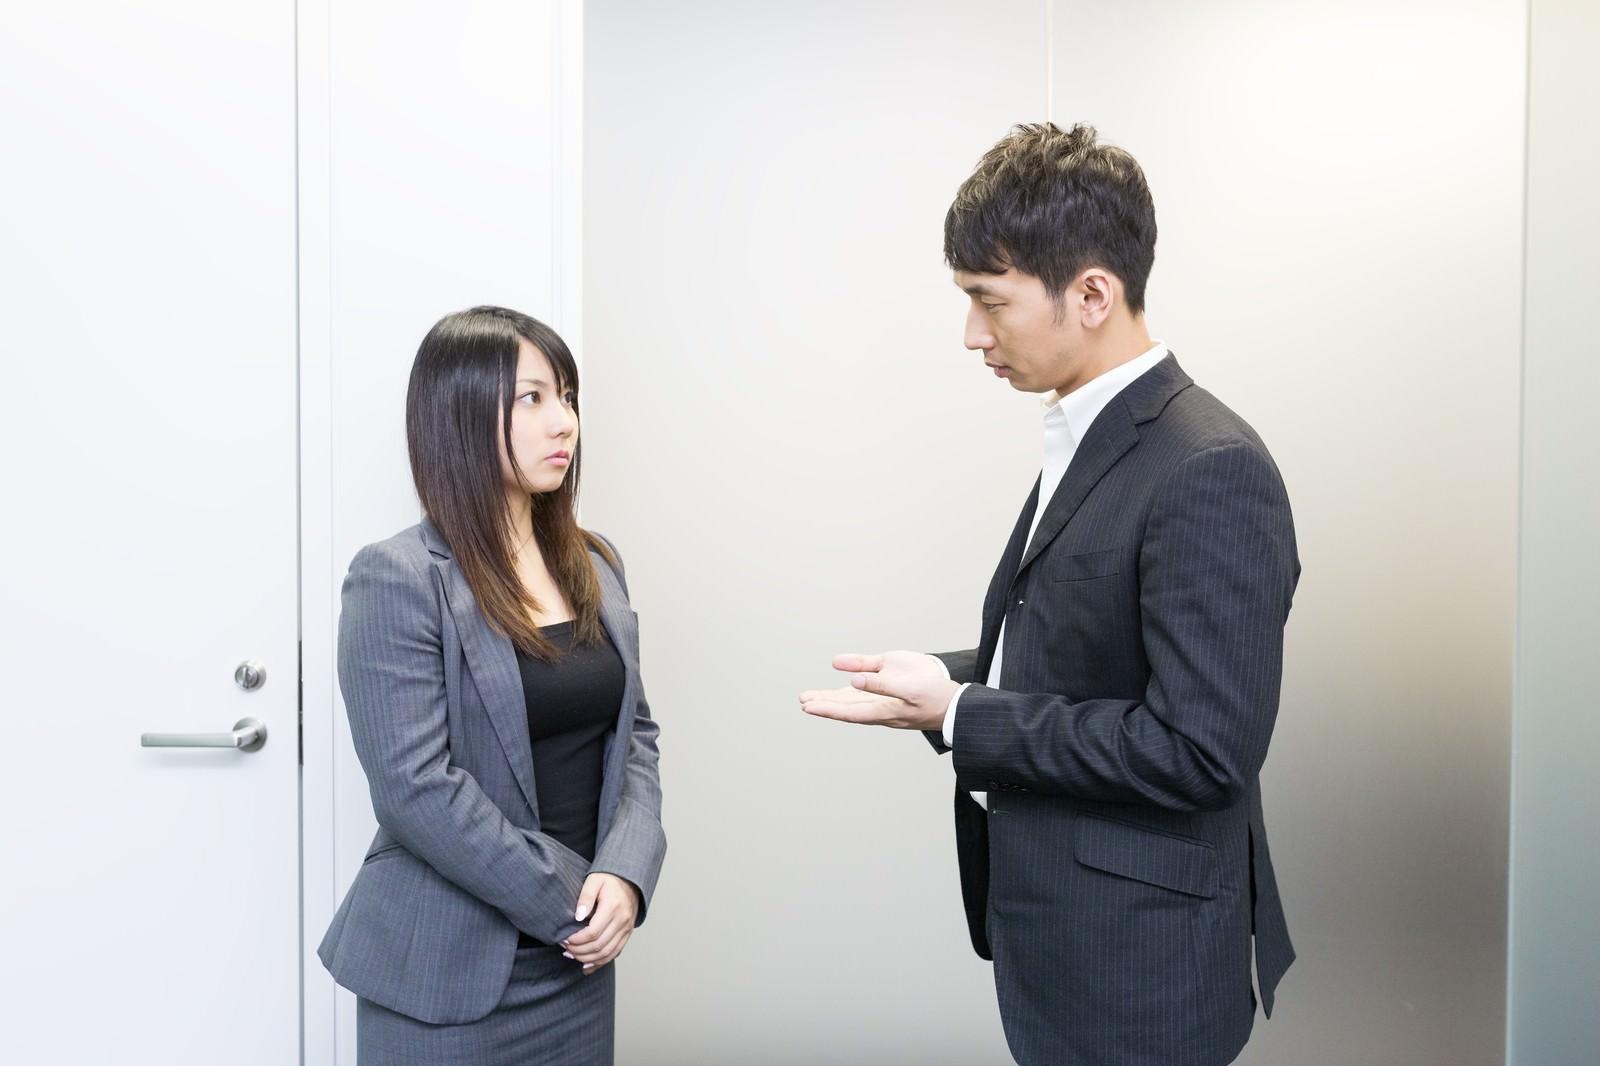 「スタンディング会議中の上司と部下スタンディング会議中の上司と部下」[モデル:大川竜弥 Lala]のフリー写真素材を拡大